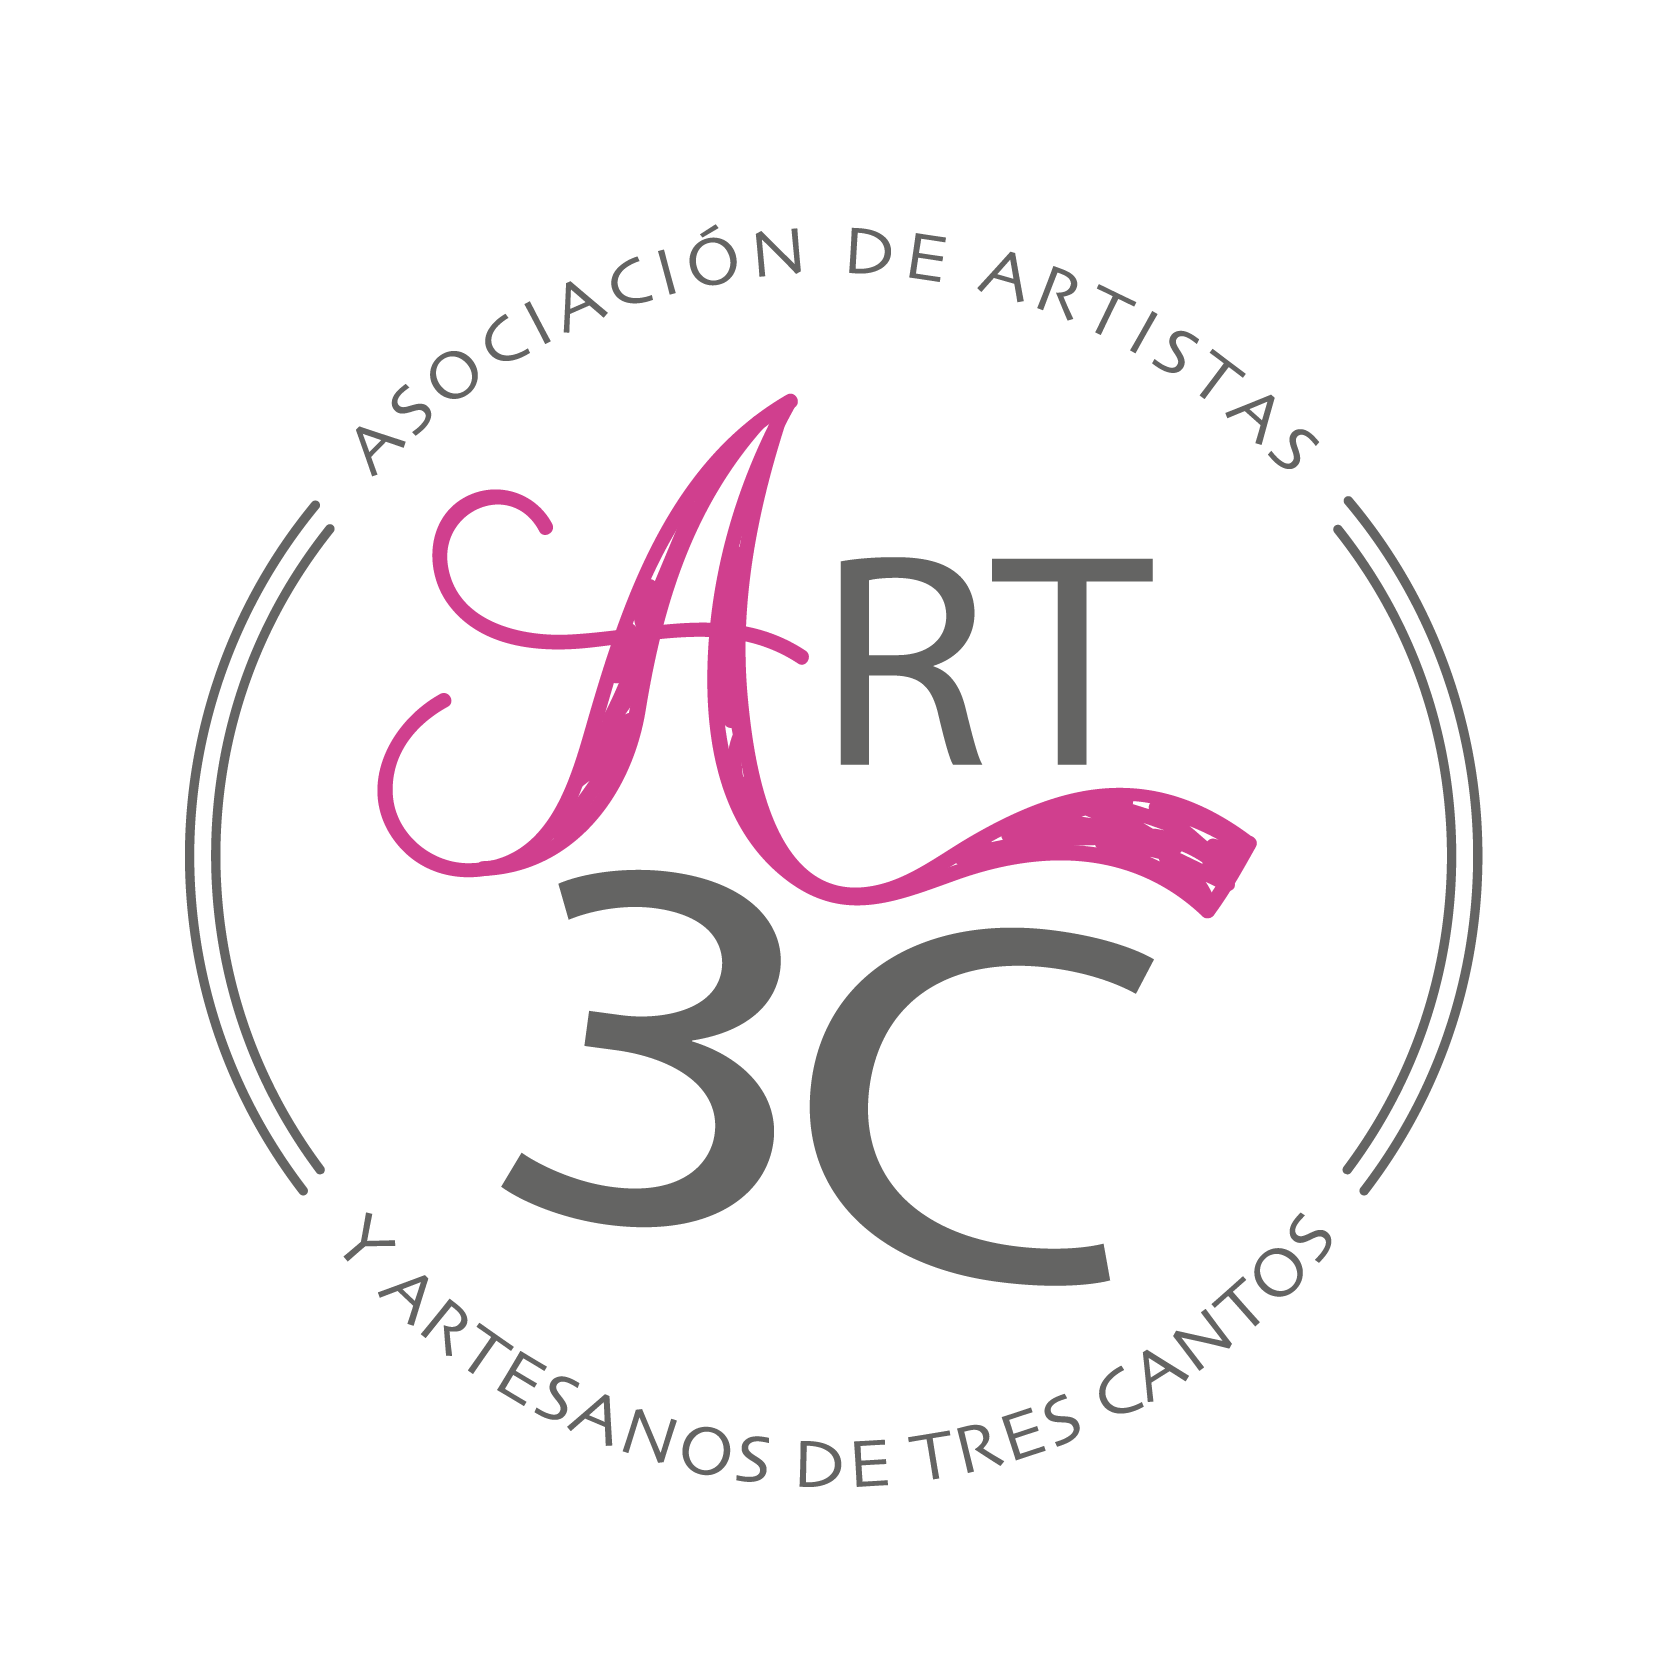 Aart3c